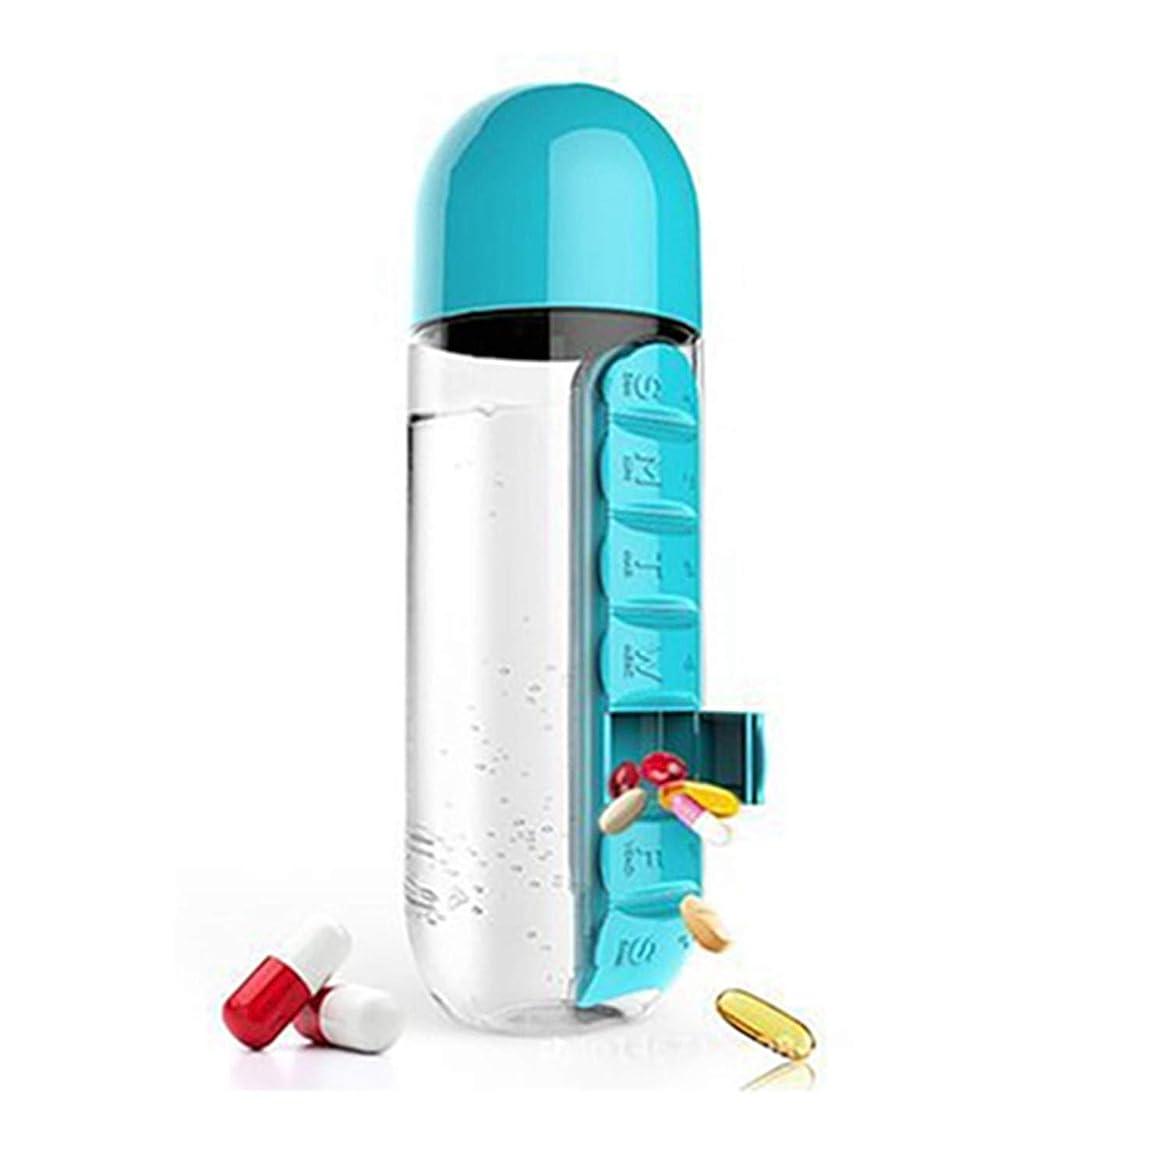 キルスシエスタ女の子2 1ピル場合、携帯ピルボックス、7コンパートメント医学ボックス、医学コンテナ飲料ボトルタブレットトーチカウォーターボトル Blue